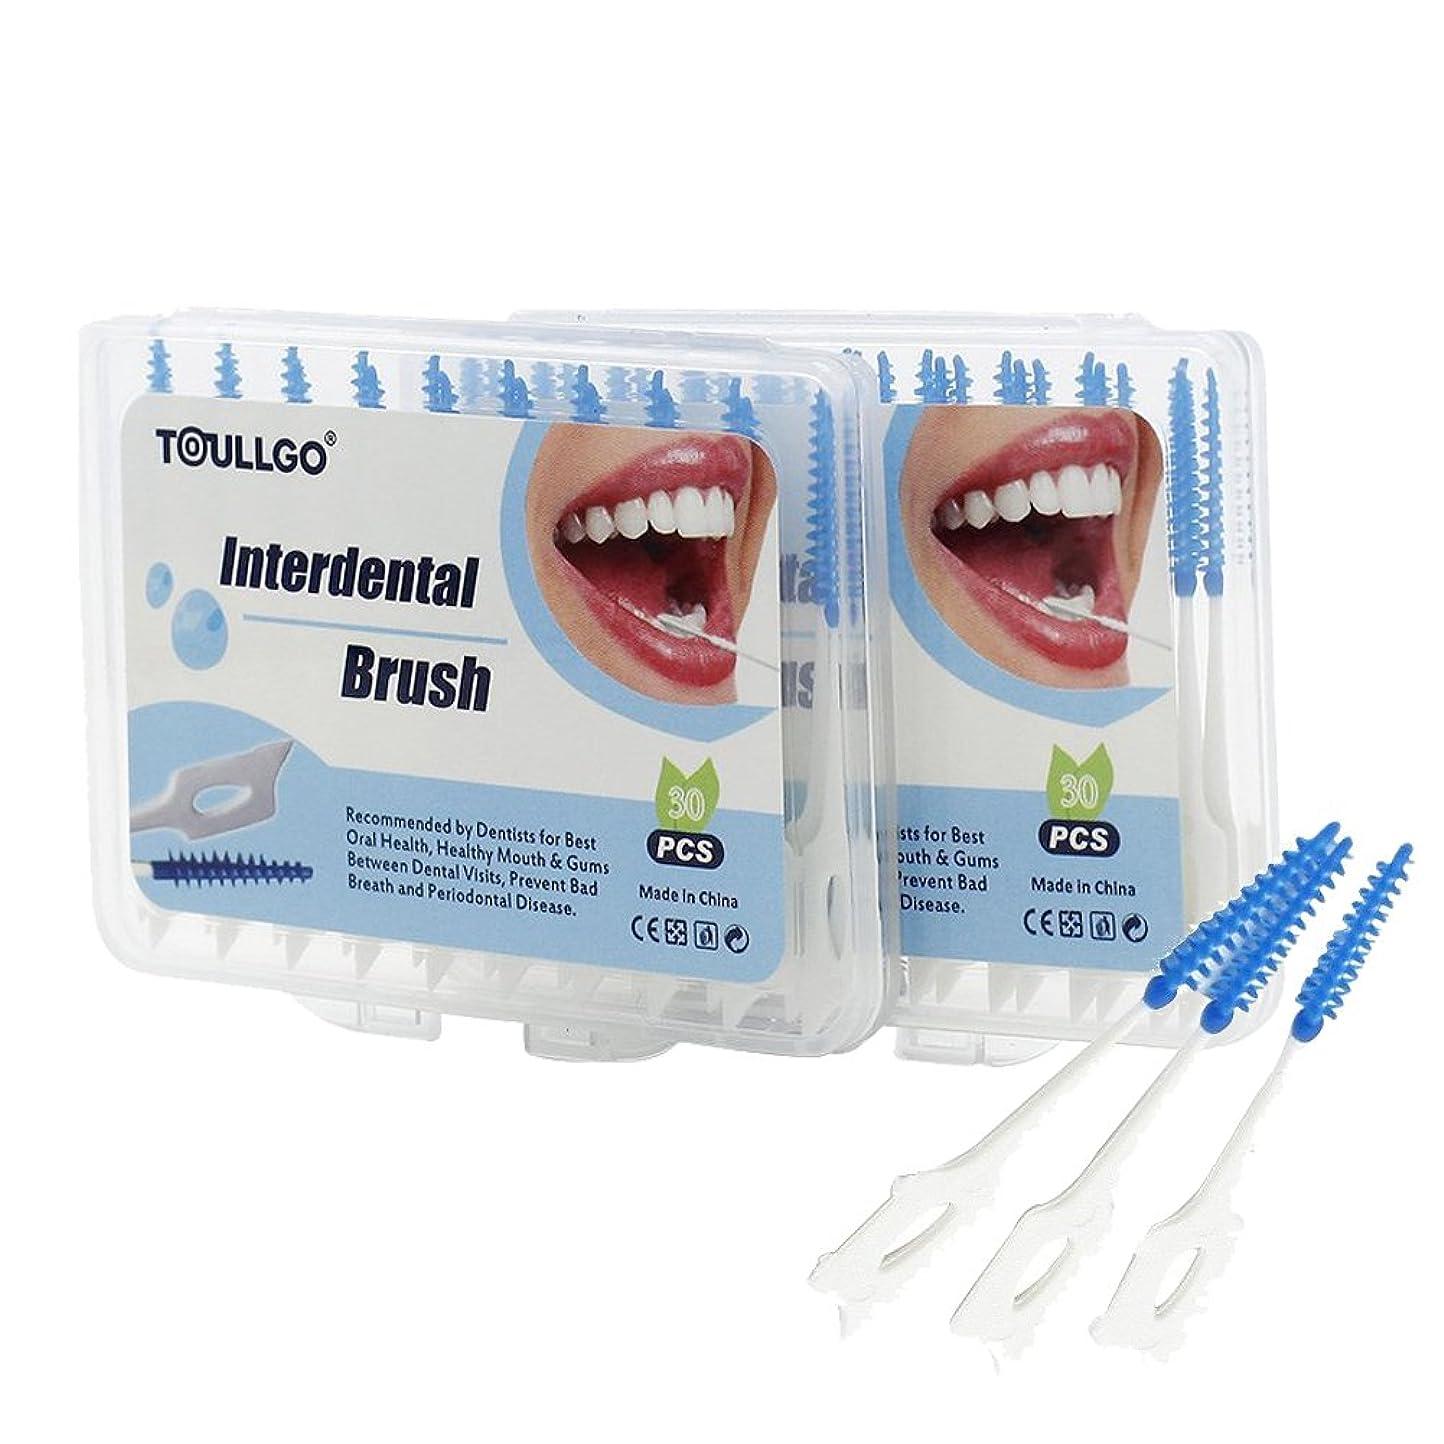 ソフィー支払う拒絶する歯間ブラシ のやわらか歯間ブラシ デイリー歯間ブラシ イン 30本×2個(計60本) お徳用 やわらかなゴムタイプ